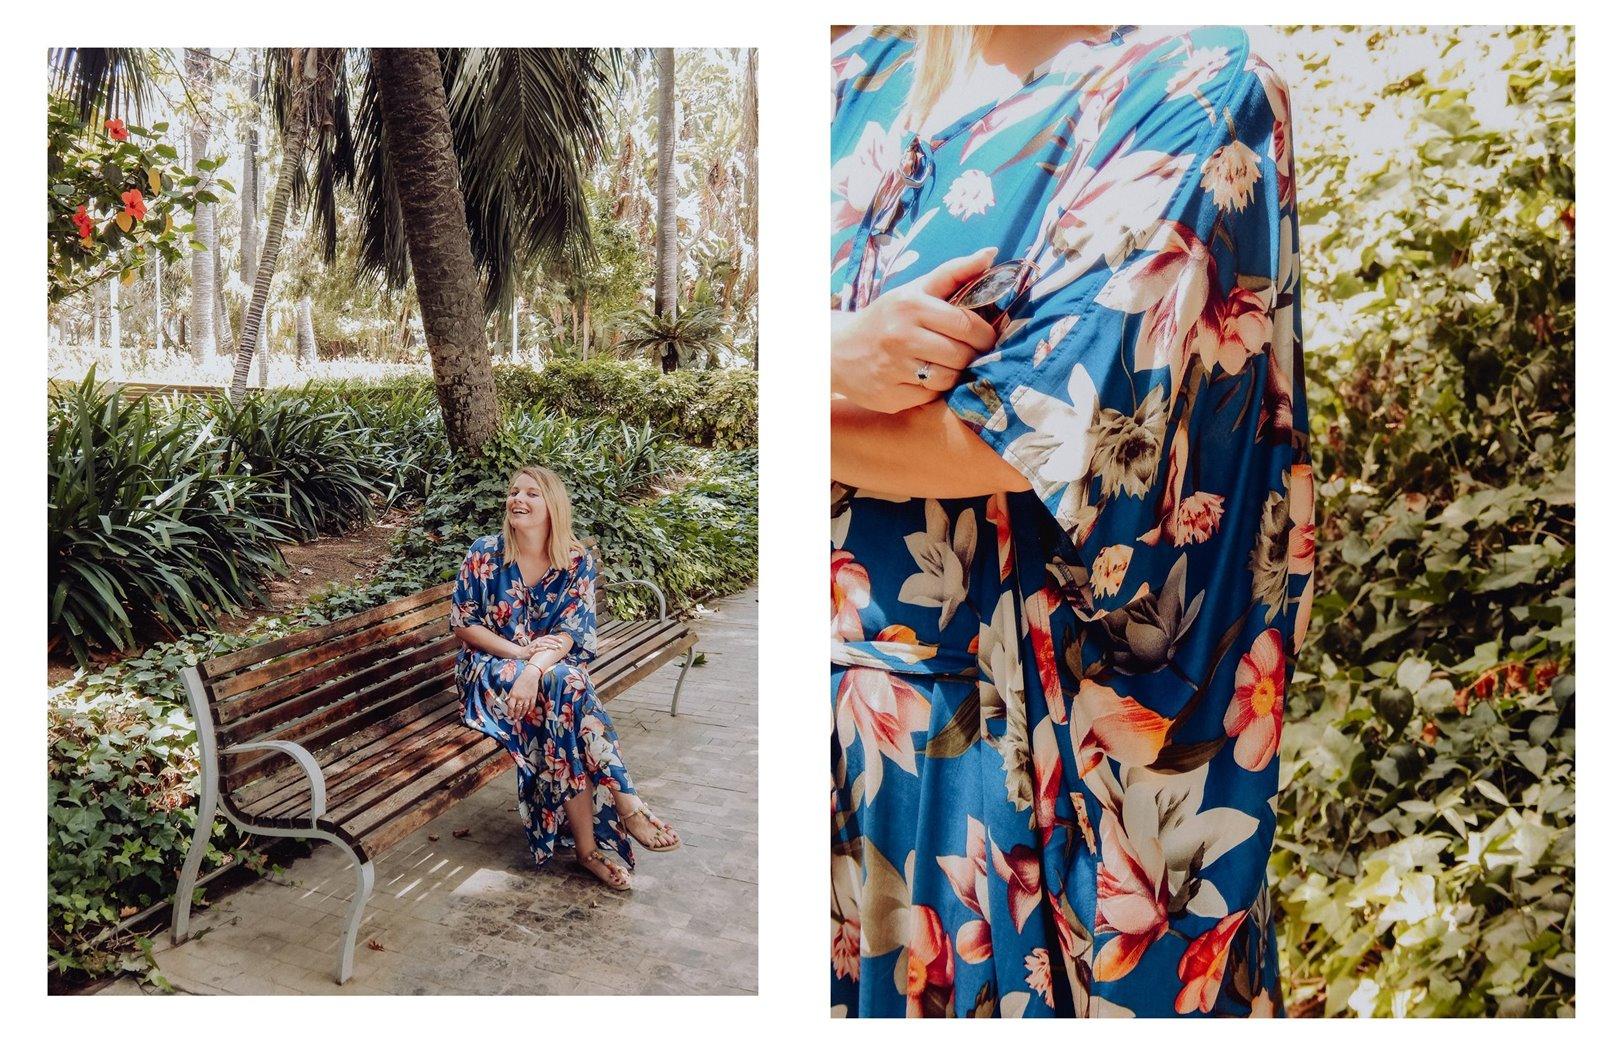 5a polskie młode marki firmy godne uwagi moda modowe marki łódź blog blogerka blogerzy z łodzi fashion zero waste jak żyć ubrania moda stylizacje modnapolka inspiracje sukienka maxi nalu bodywear instagram style melody